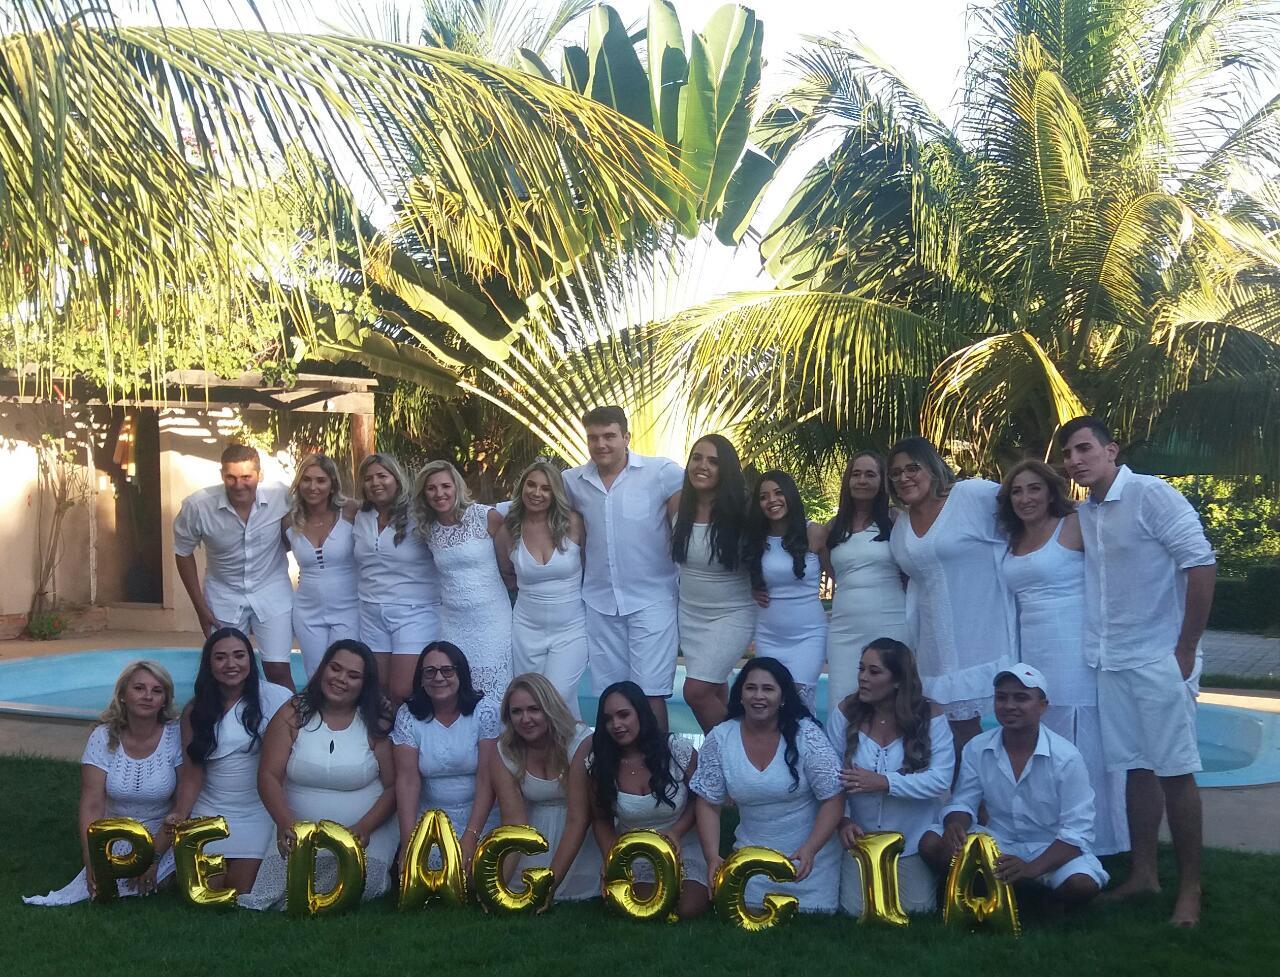 Os novos pedagogos de Apodi pela Faculdade Evolução erguendo a felicidade da graduação no curso. Parabéns!